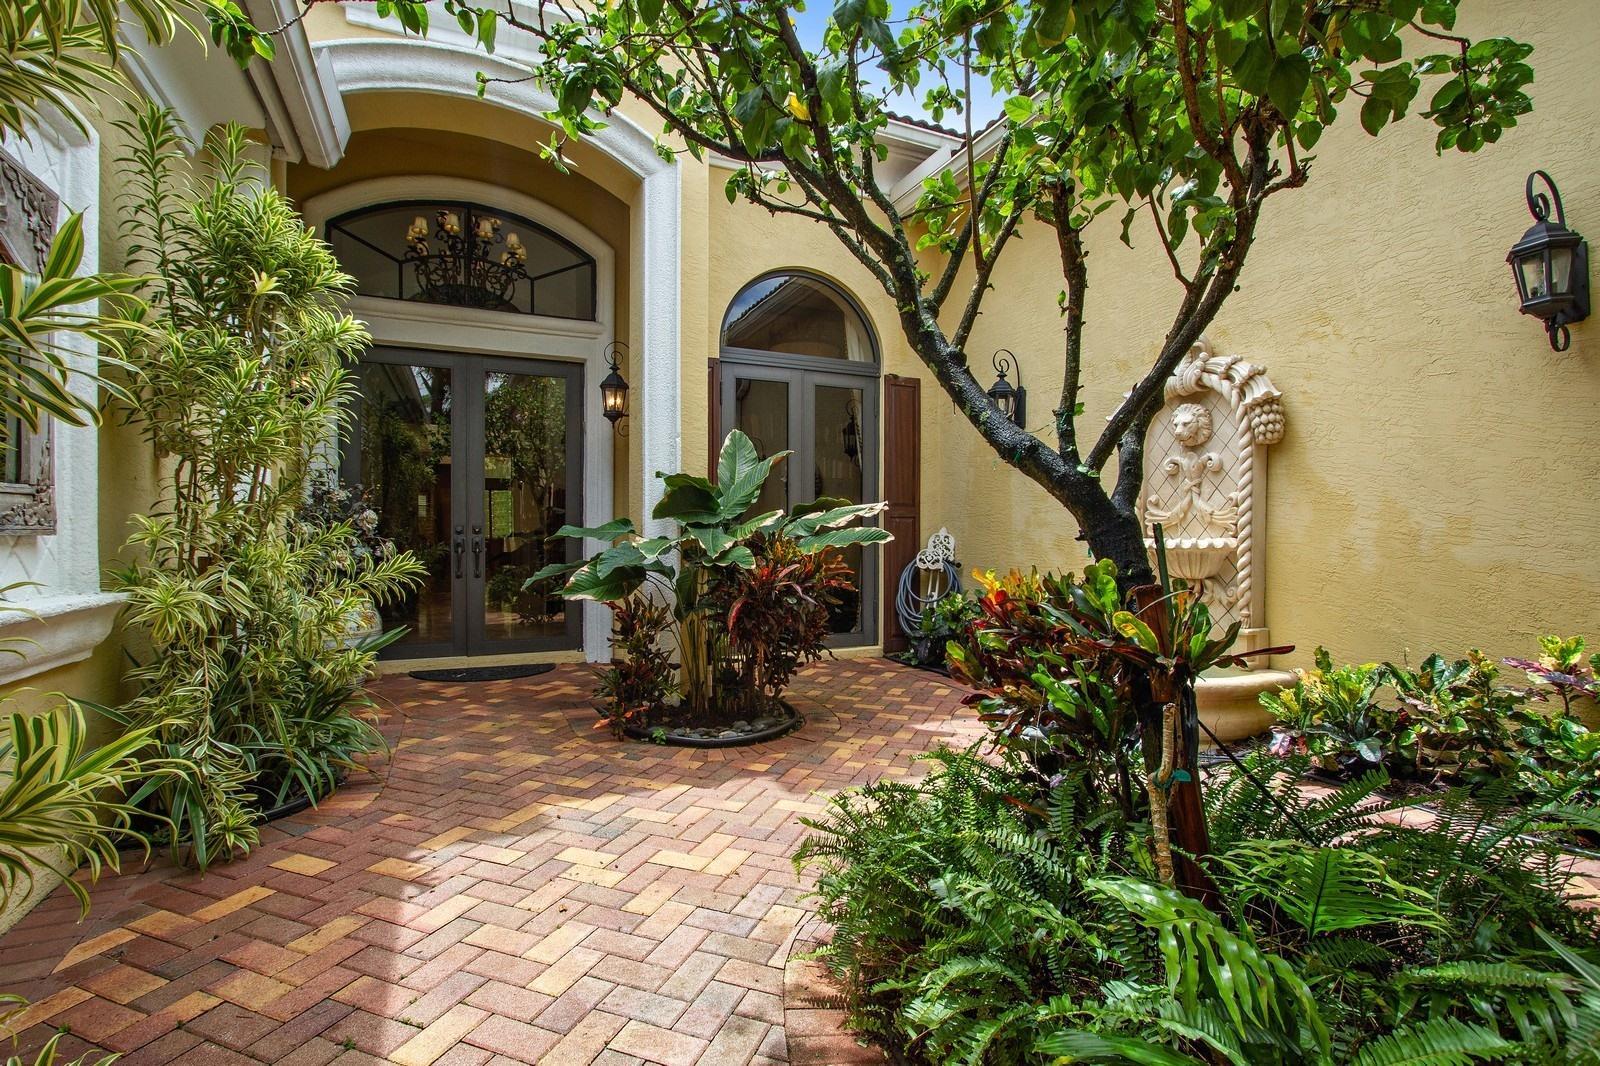 17817 Villa Club Way, Boca Raton, Florida 33496, 4 Bedrooms Bedrooms, ,3.1 BathroomsBathrooms,Single Family,For Sale,THE OAKS,Villa Club,RX-10457329